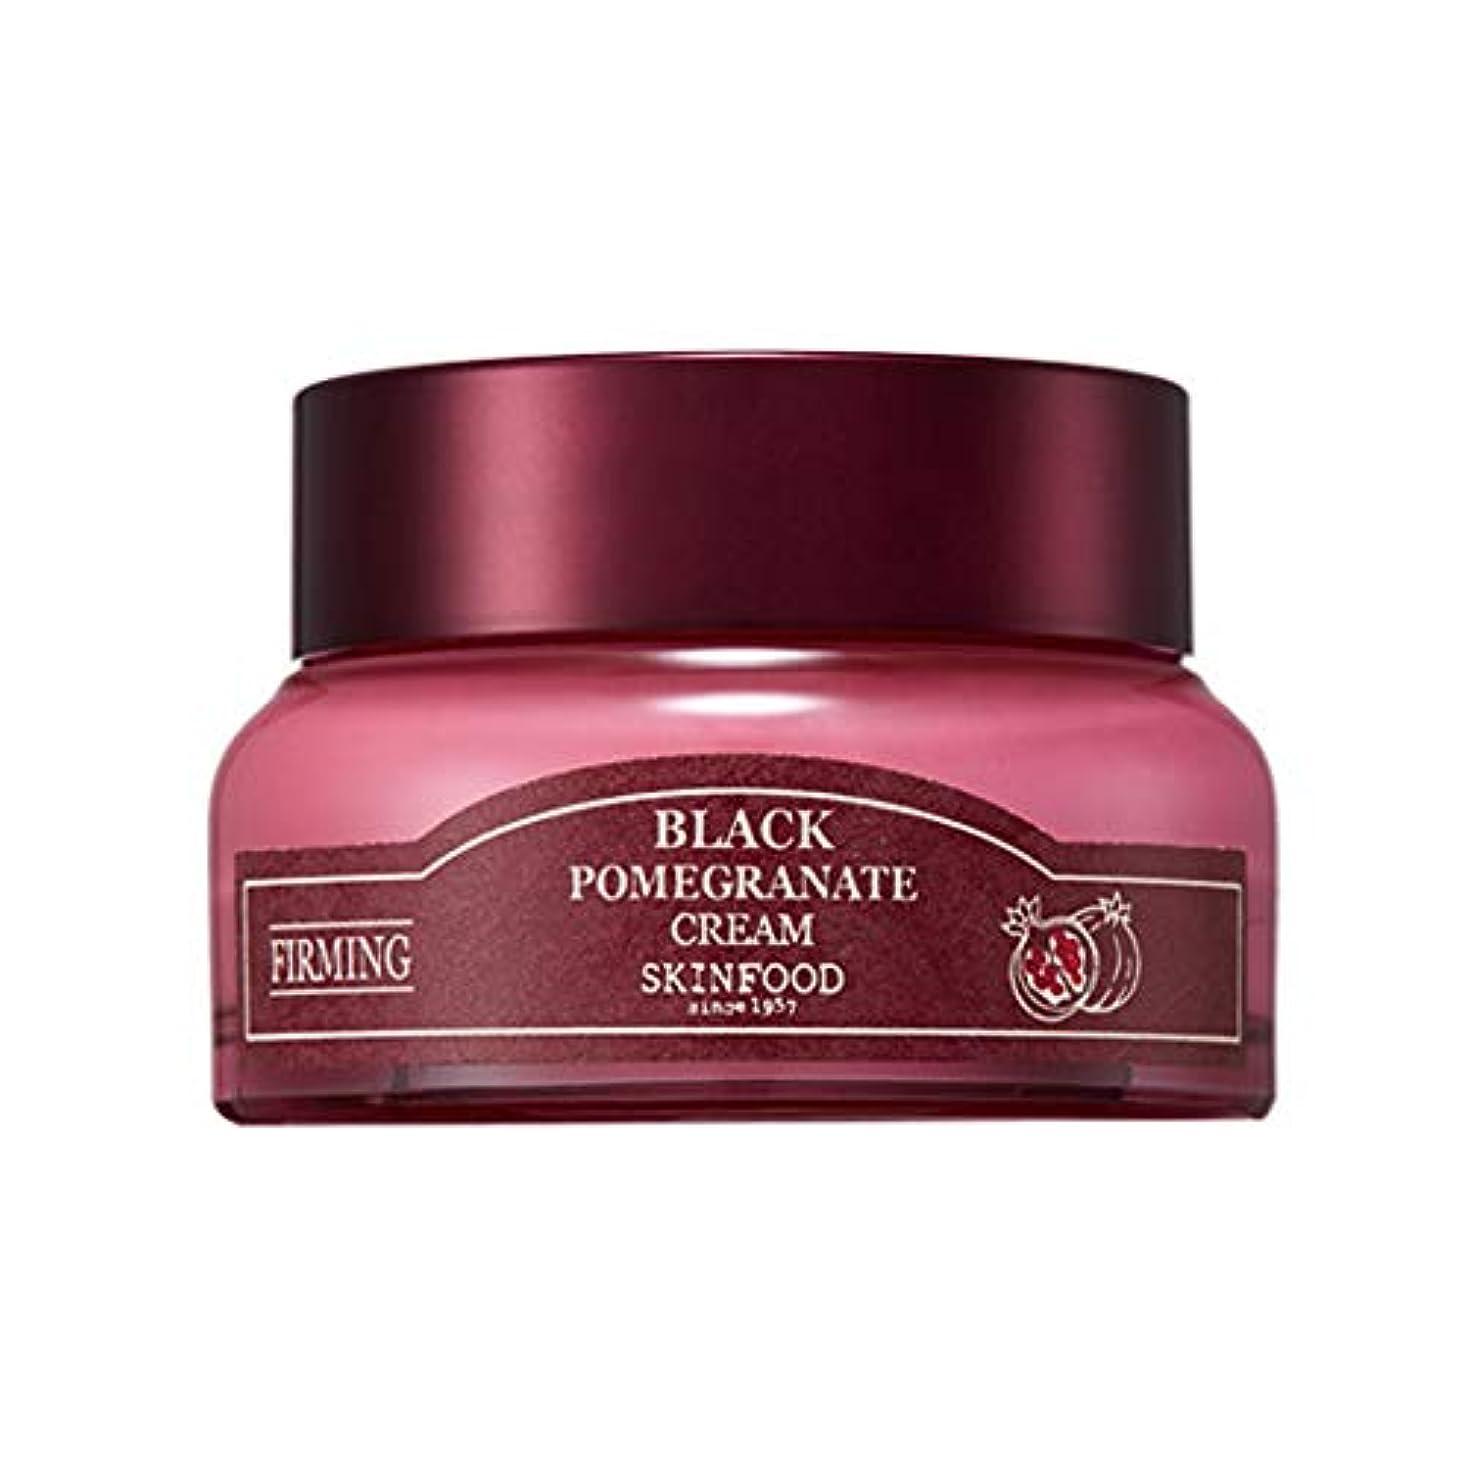 [リニューアル] スキンフード 黒ザクロ クリーム 54ml / SKINFOOD Black Pomegranate Cream 54ml [並行輸入品]